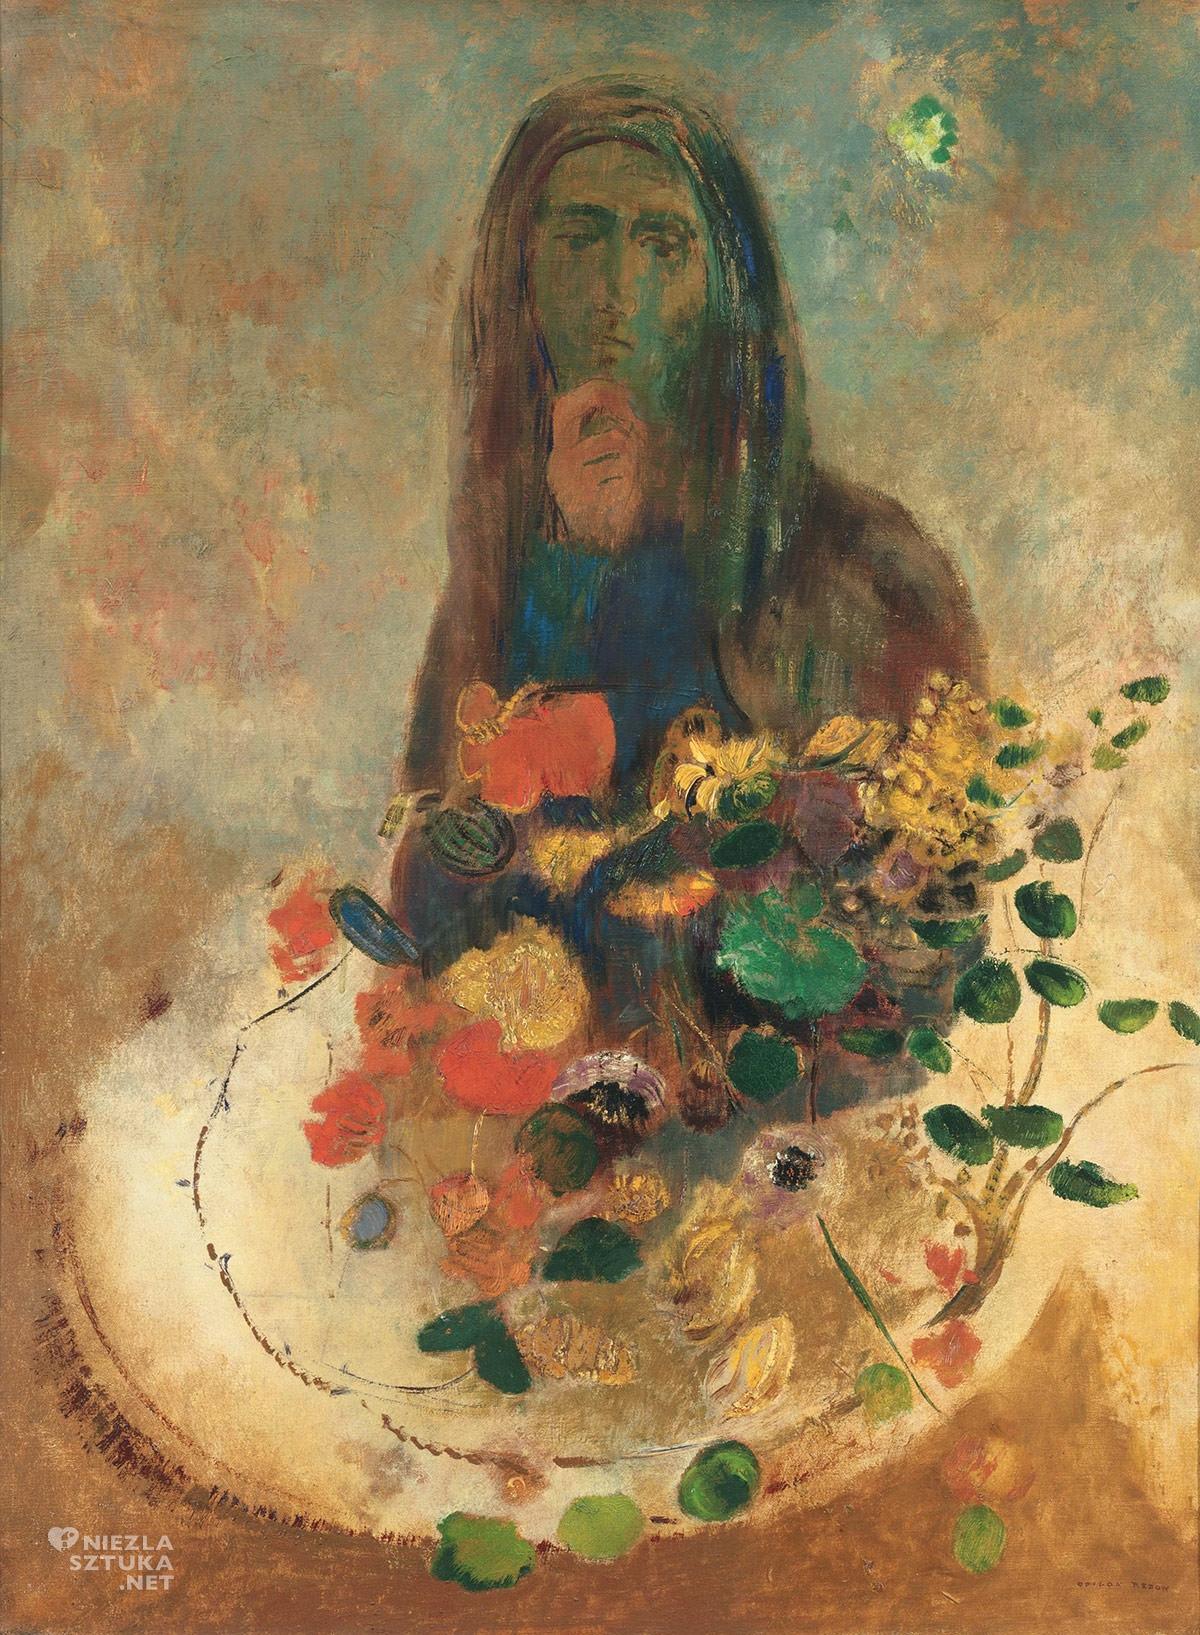 Odilon Redon, Tajemnica, malarstwo europejskie, symbolizm, Niezła Sztuka